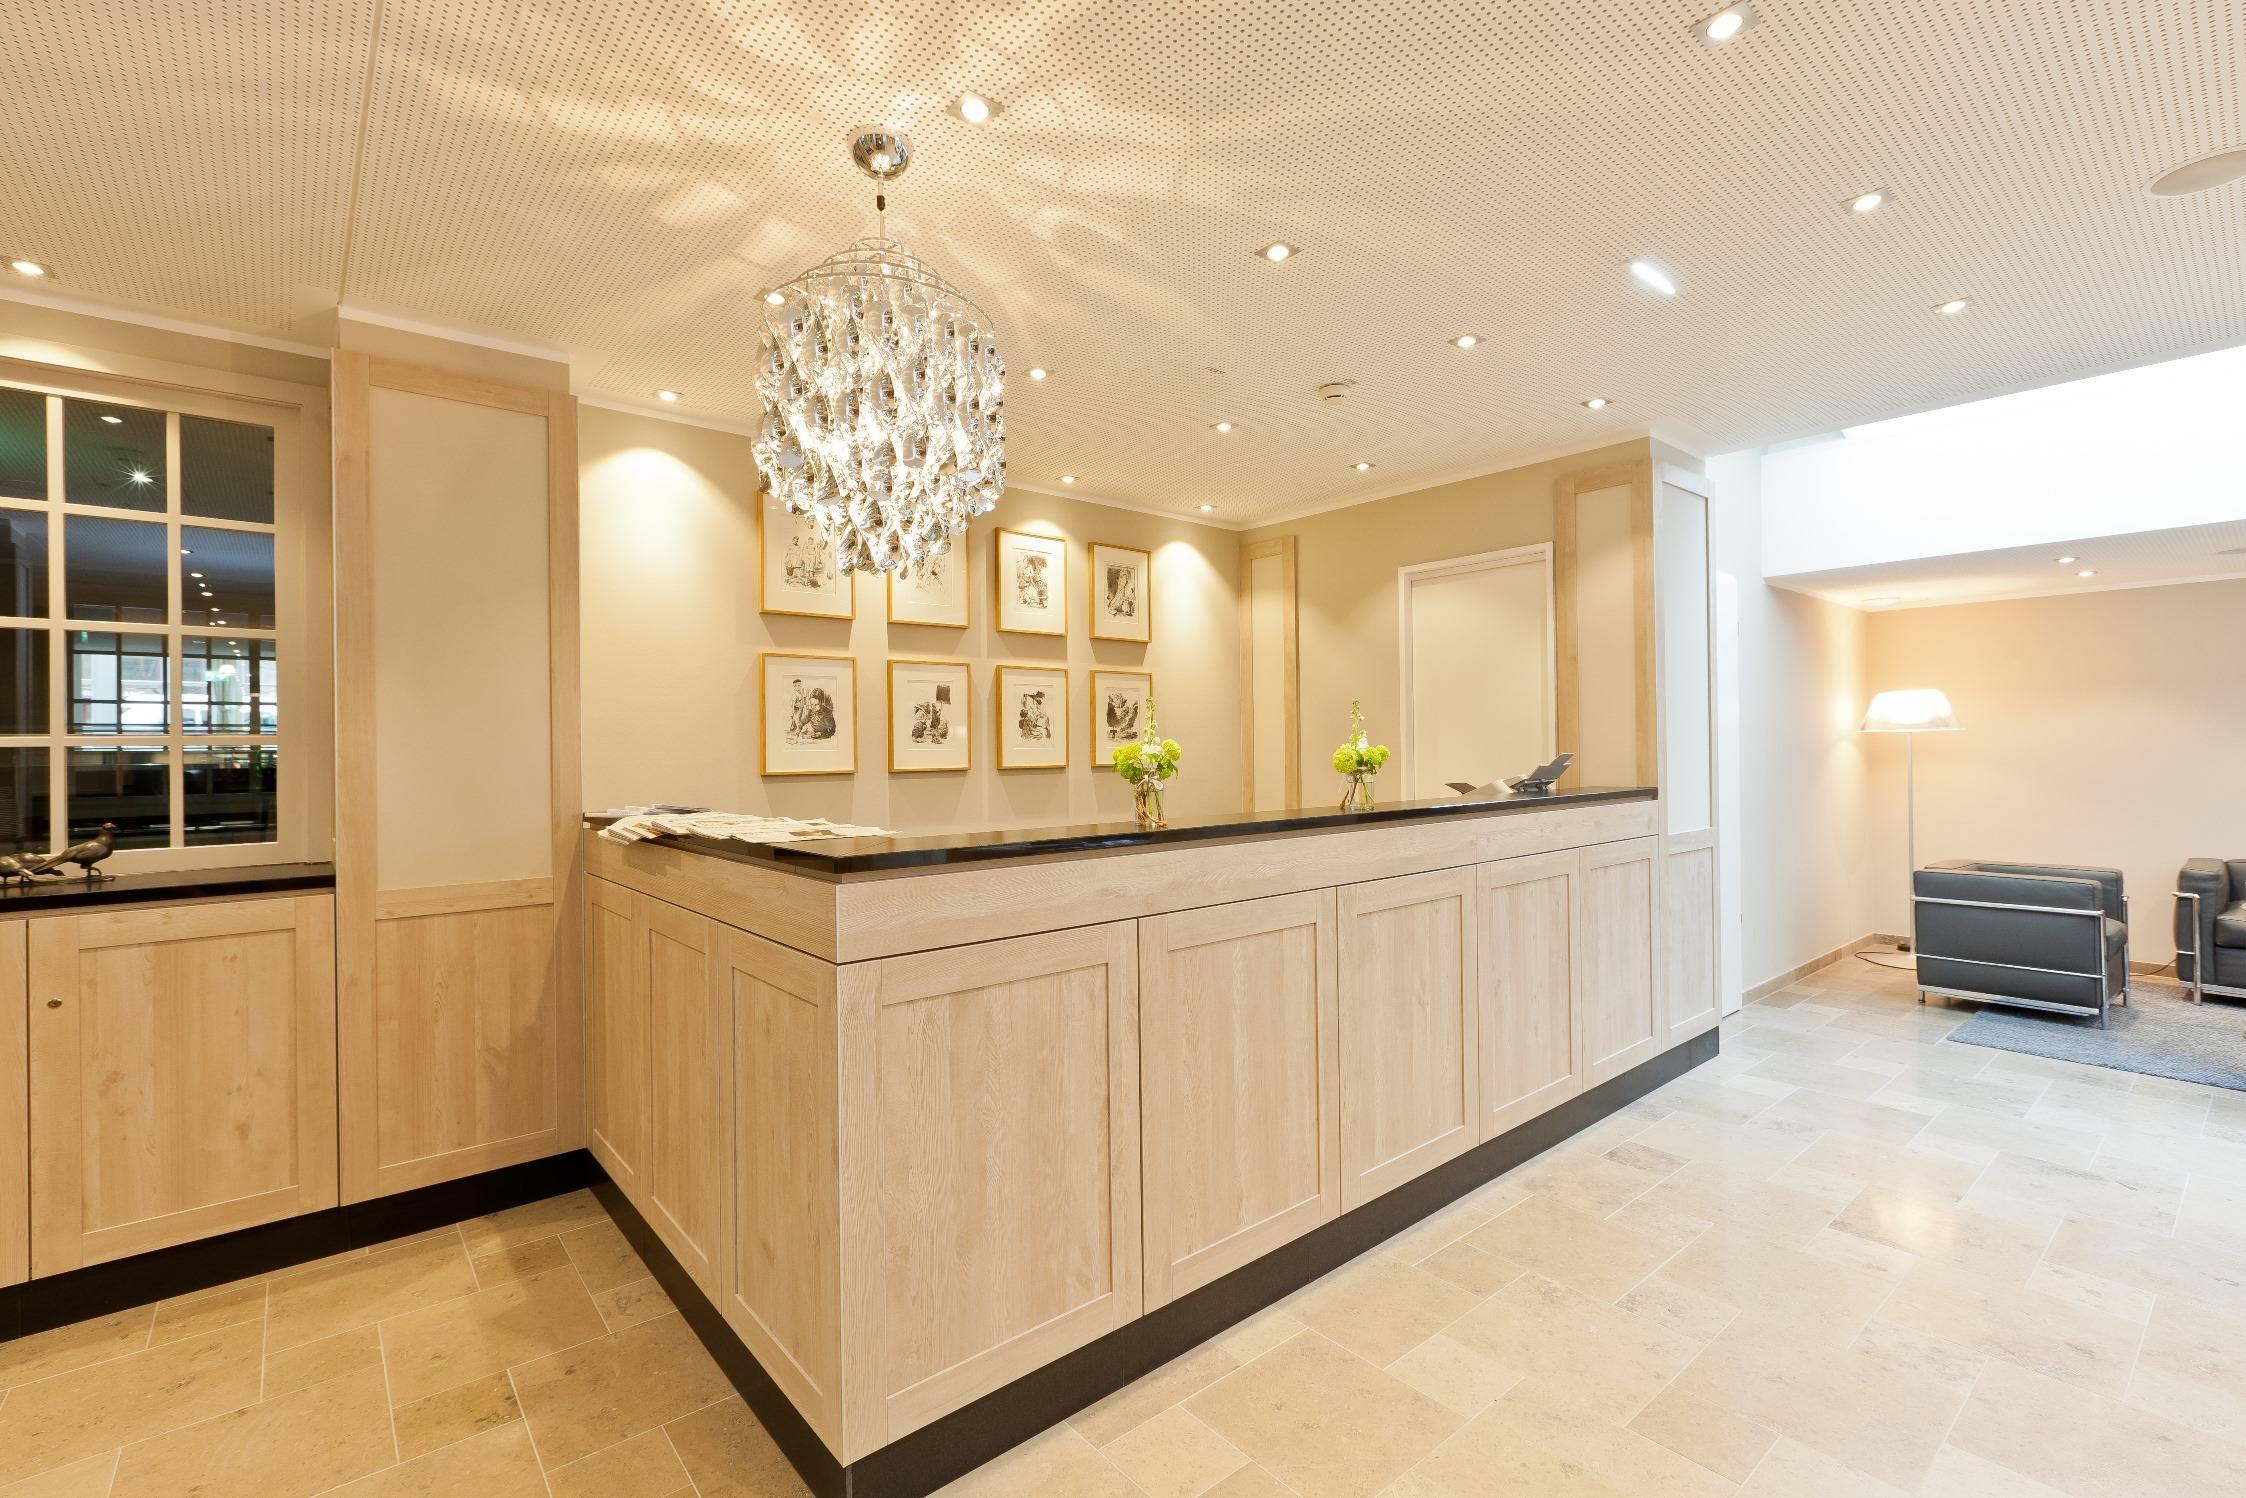 inselhotel vier jahreszeiten norderney in norderney. Black Bedroom Furniture Sets. Home Design Ideas